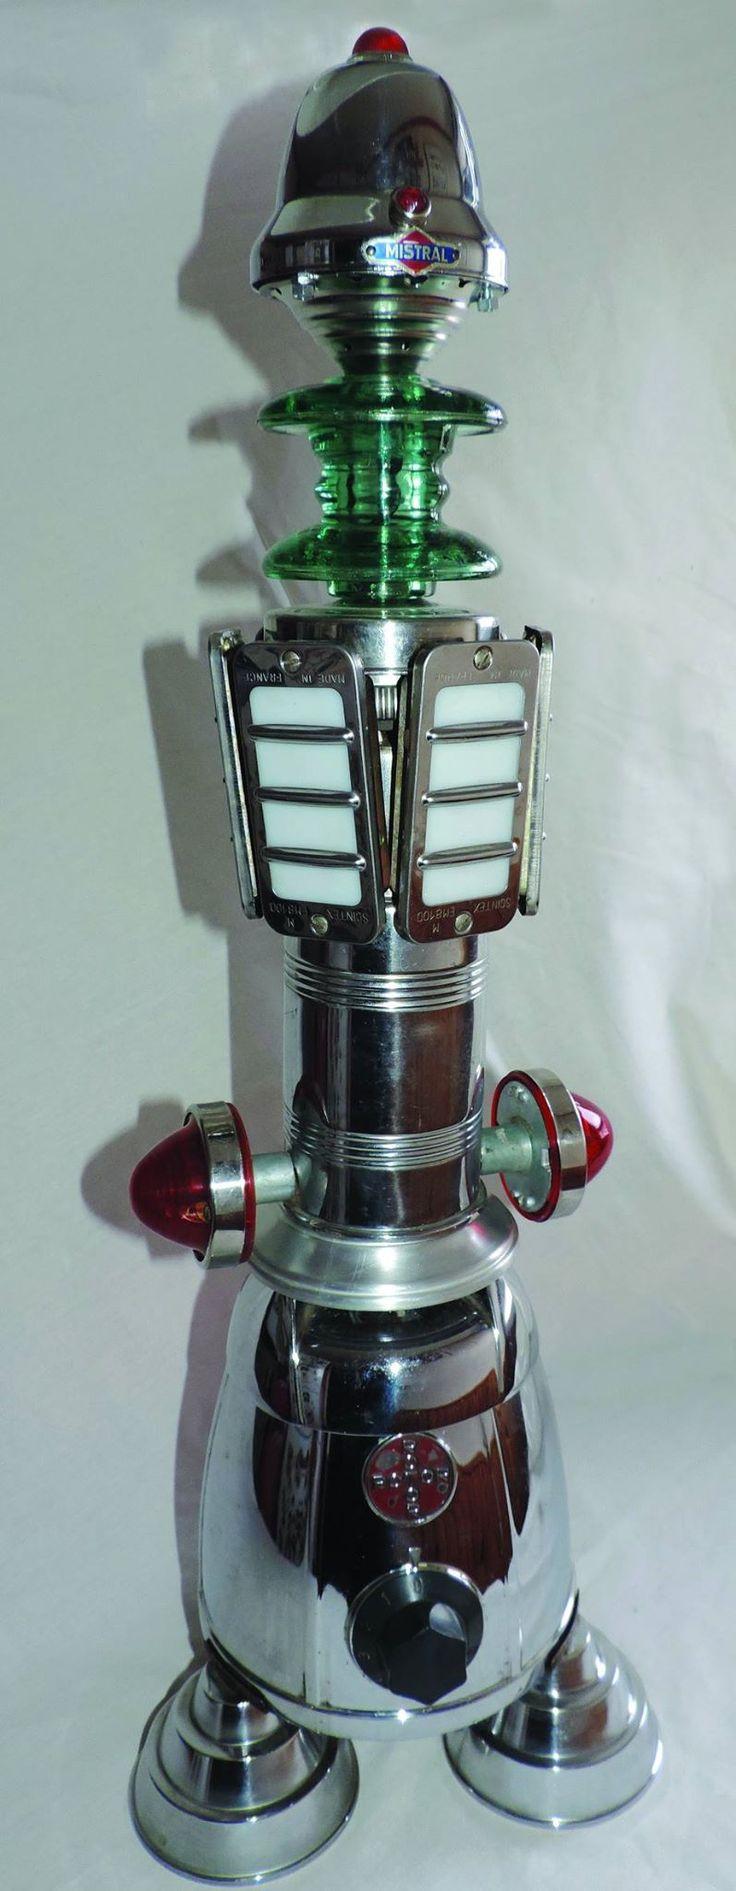 Mistral, hauteur 77 cm. Pourvues de 9 lampes basse tension, c'est une belle lampe d'ambiance, métal et verre.